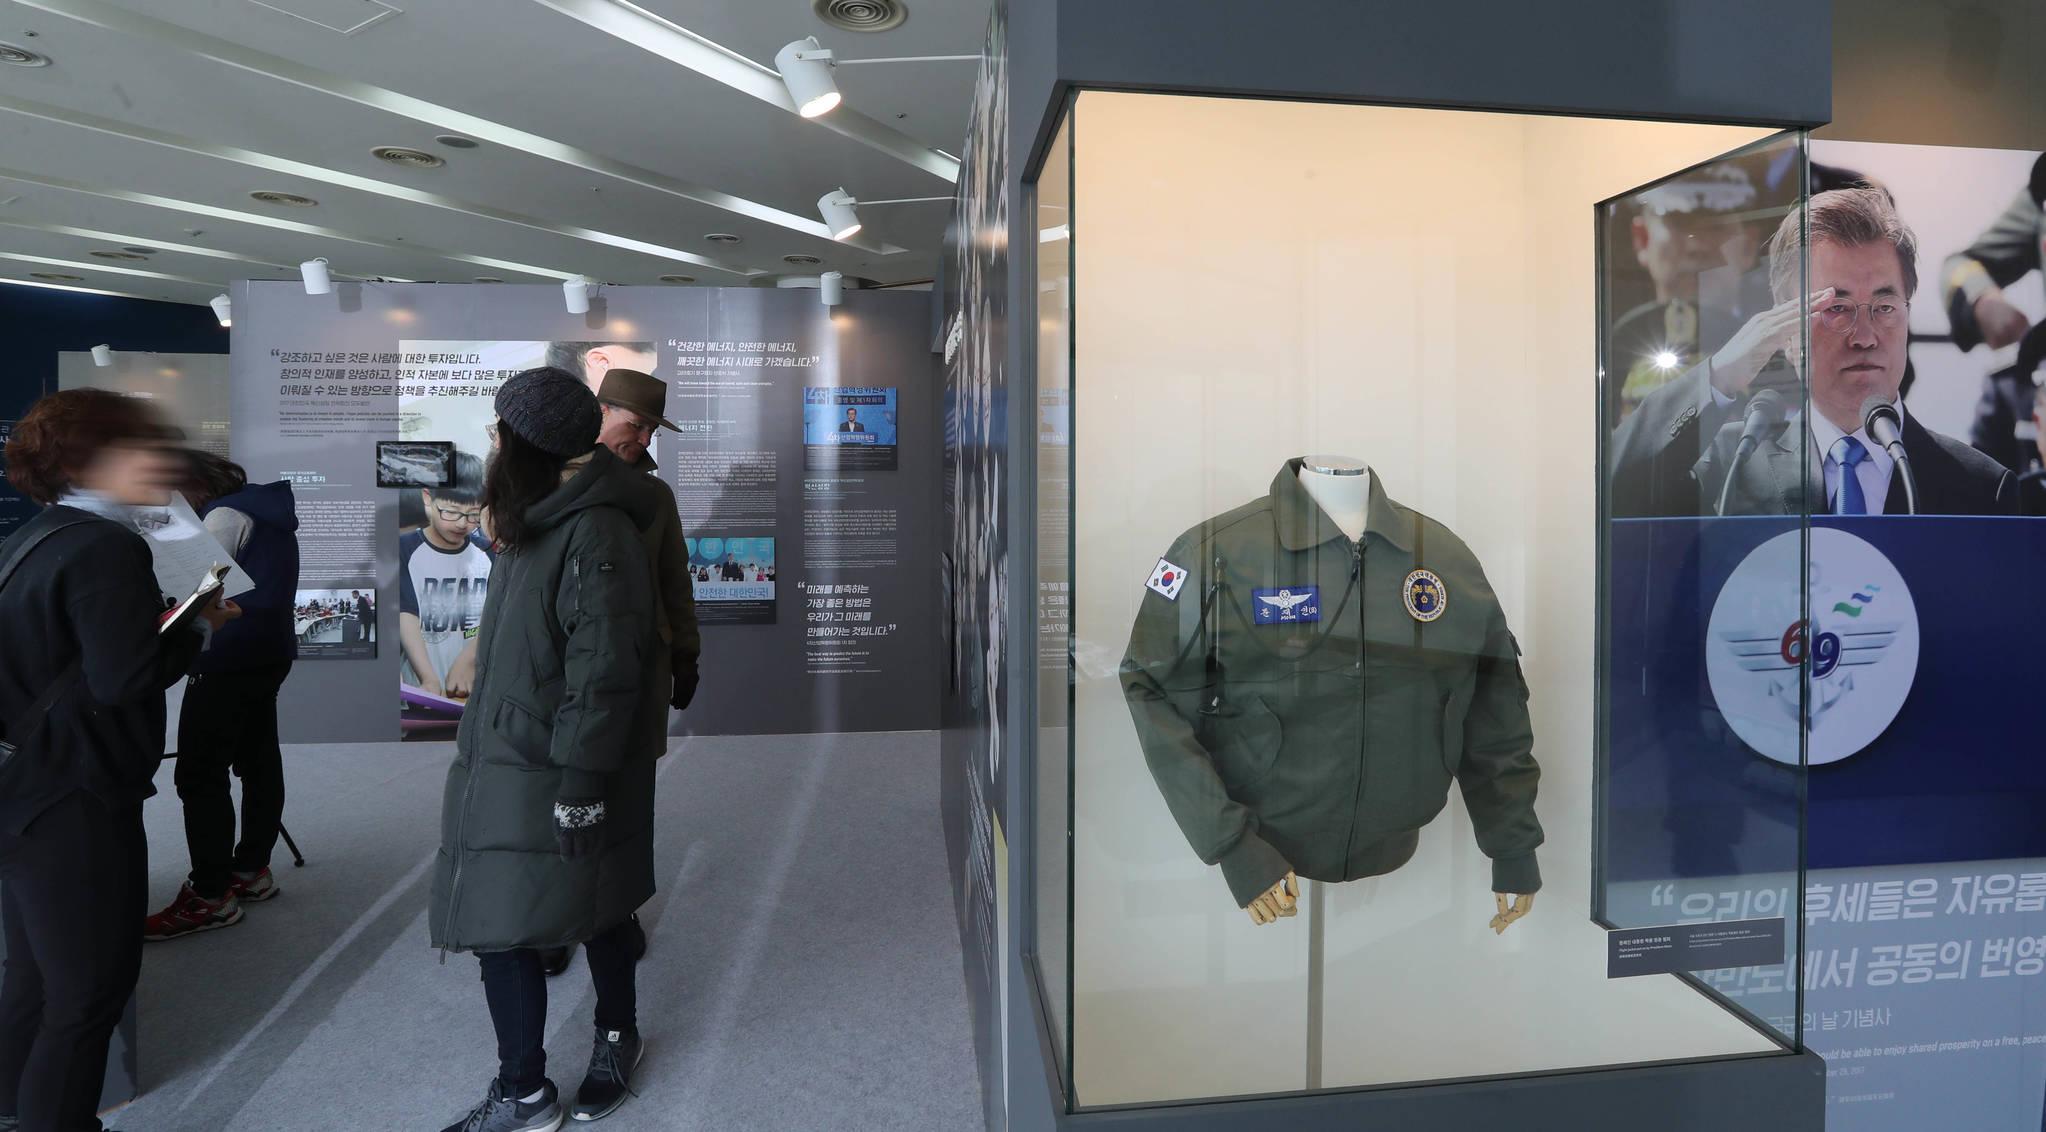 관람객들이 전시물을 보고 있다. 서울 국제항공우주 및 방위산업전시회(ADEX)에서 착용한 대통령 항공점퍼가 오른쪽에 보인다. 신인섭 기자